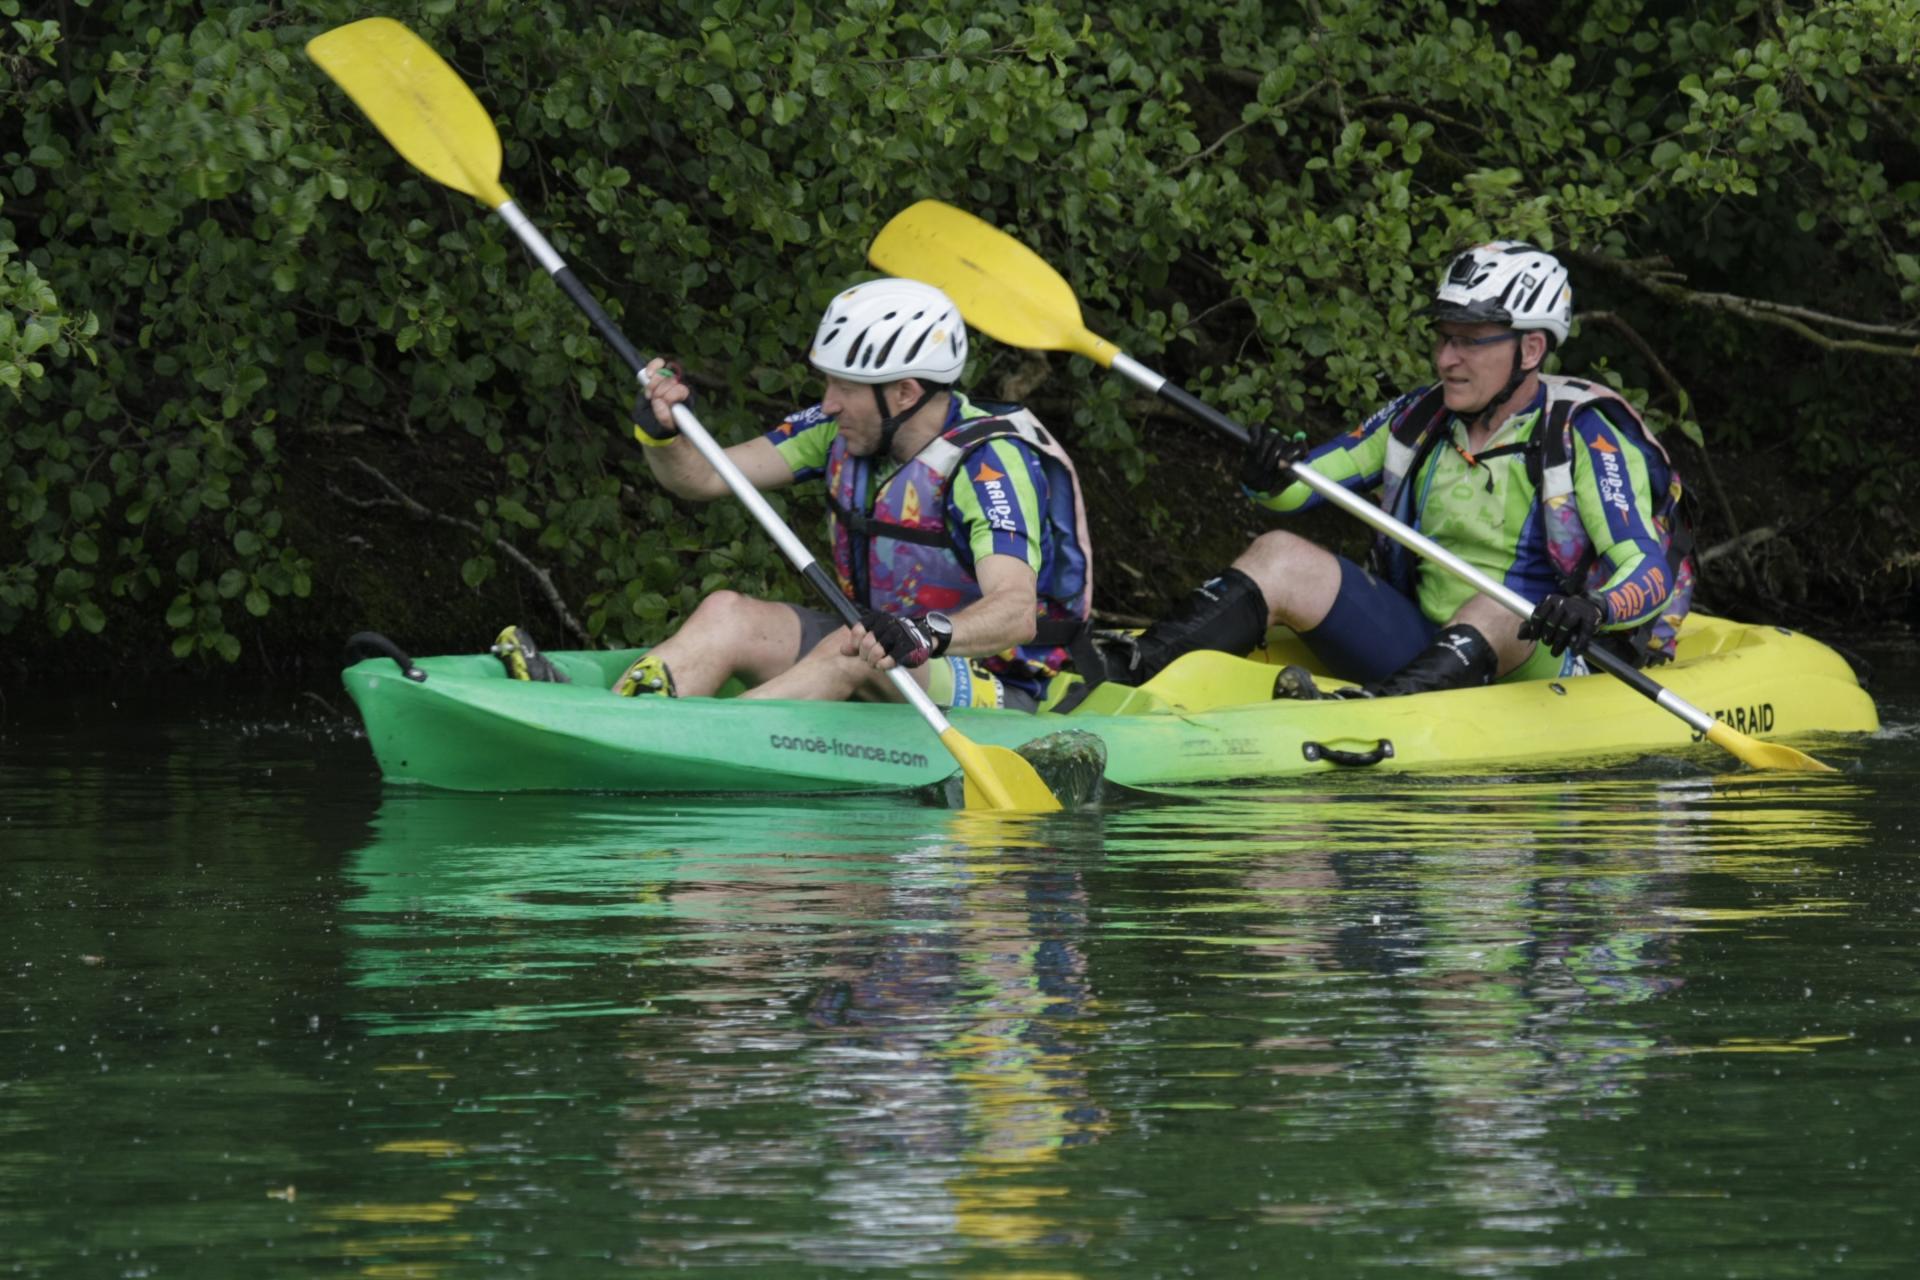 Corentin et Stéph' cherchent une balise en canoë